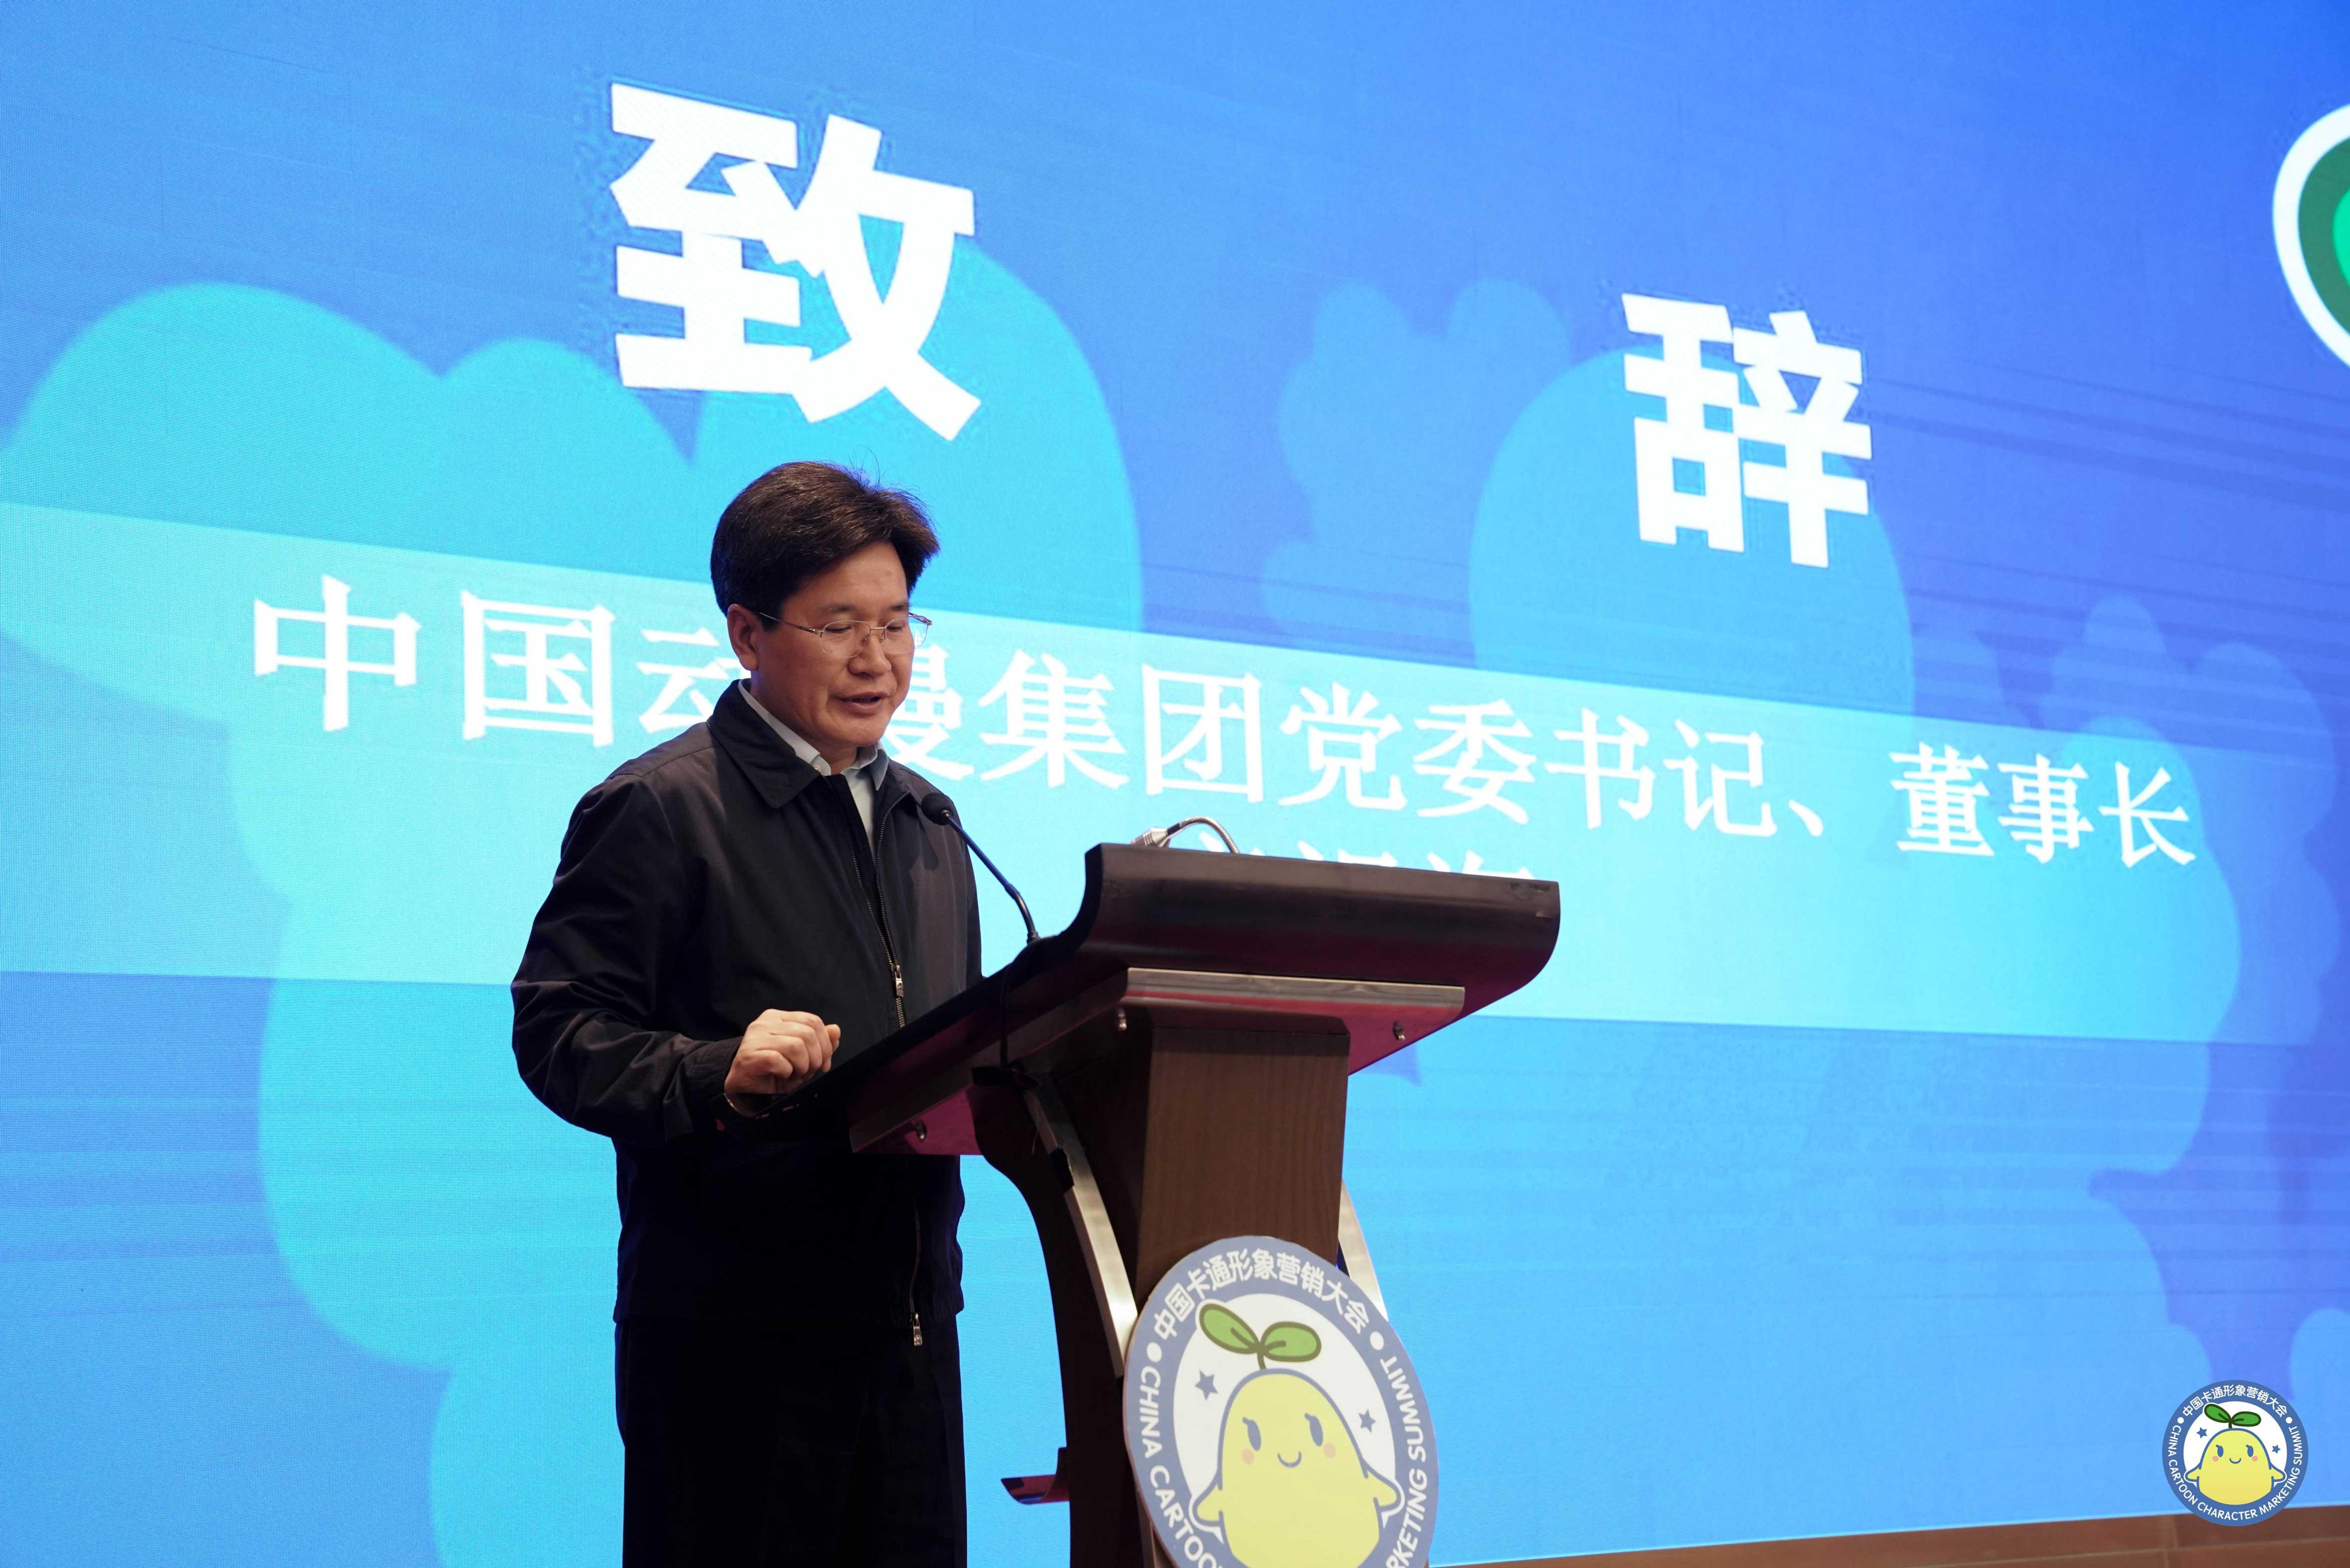 动漫拉动消费升级,2020中国卡通形象营销大会举办 业内 第2张